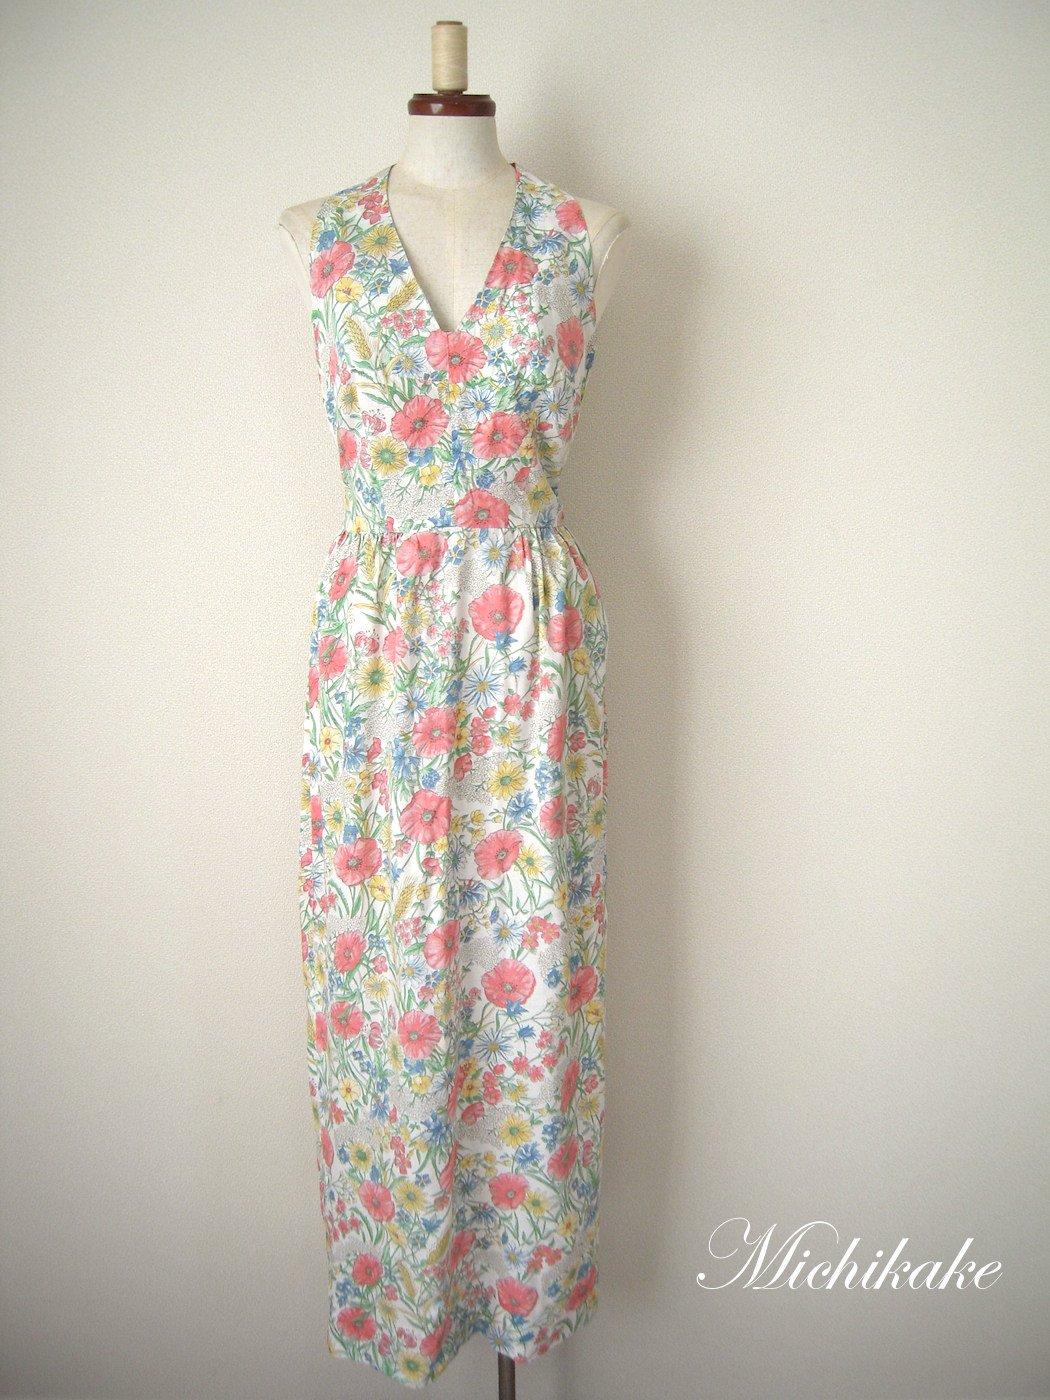 1970's 花柄ホルターネックヴィンテージワンピースドレス